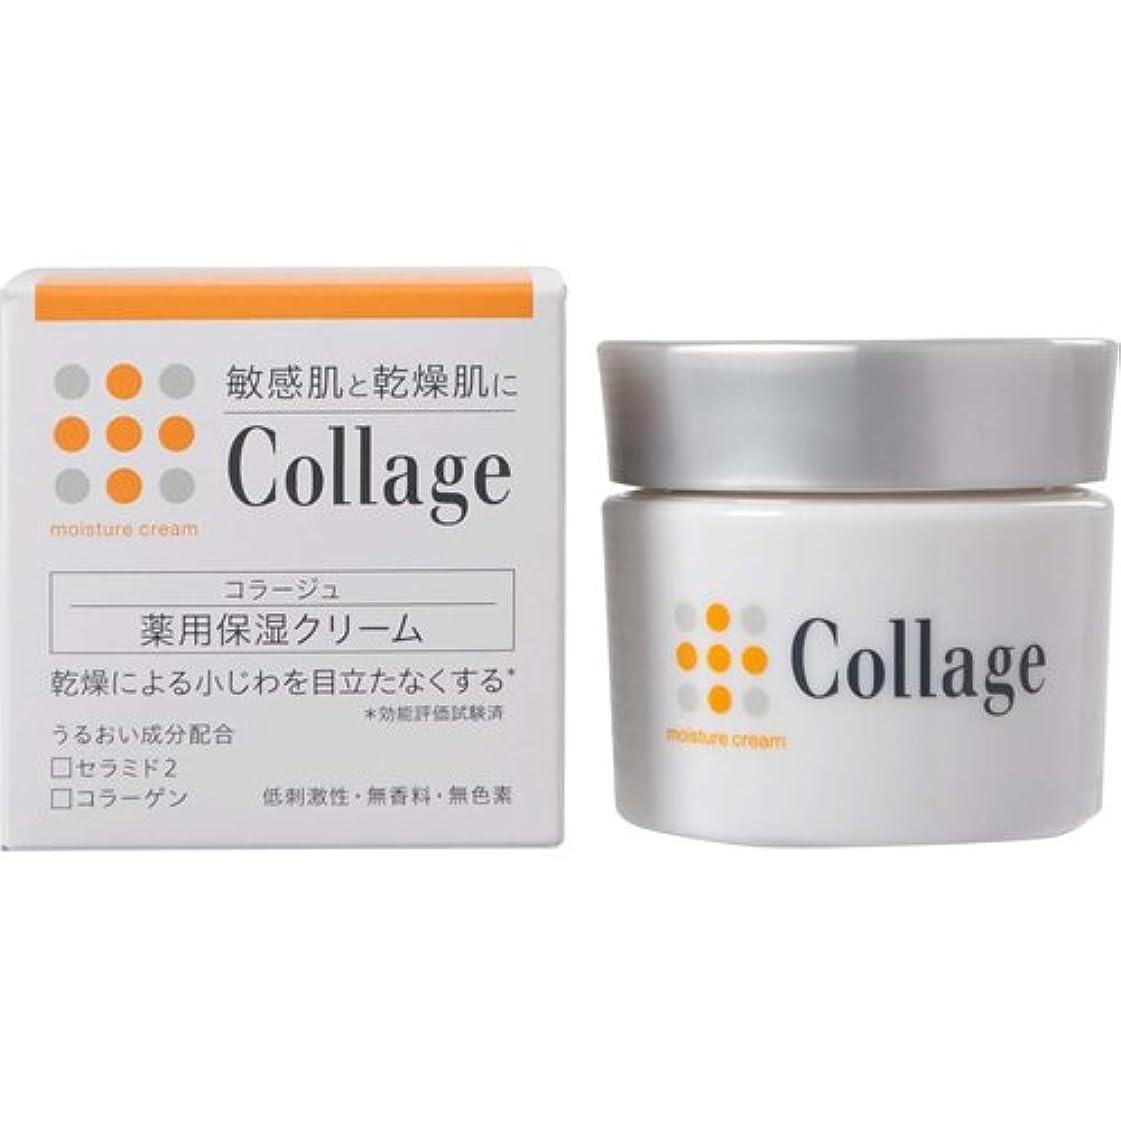 少ないマスタードビジョンコラージュ 薬用保湿クリーム 30g 【医薬部外品】